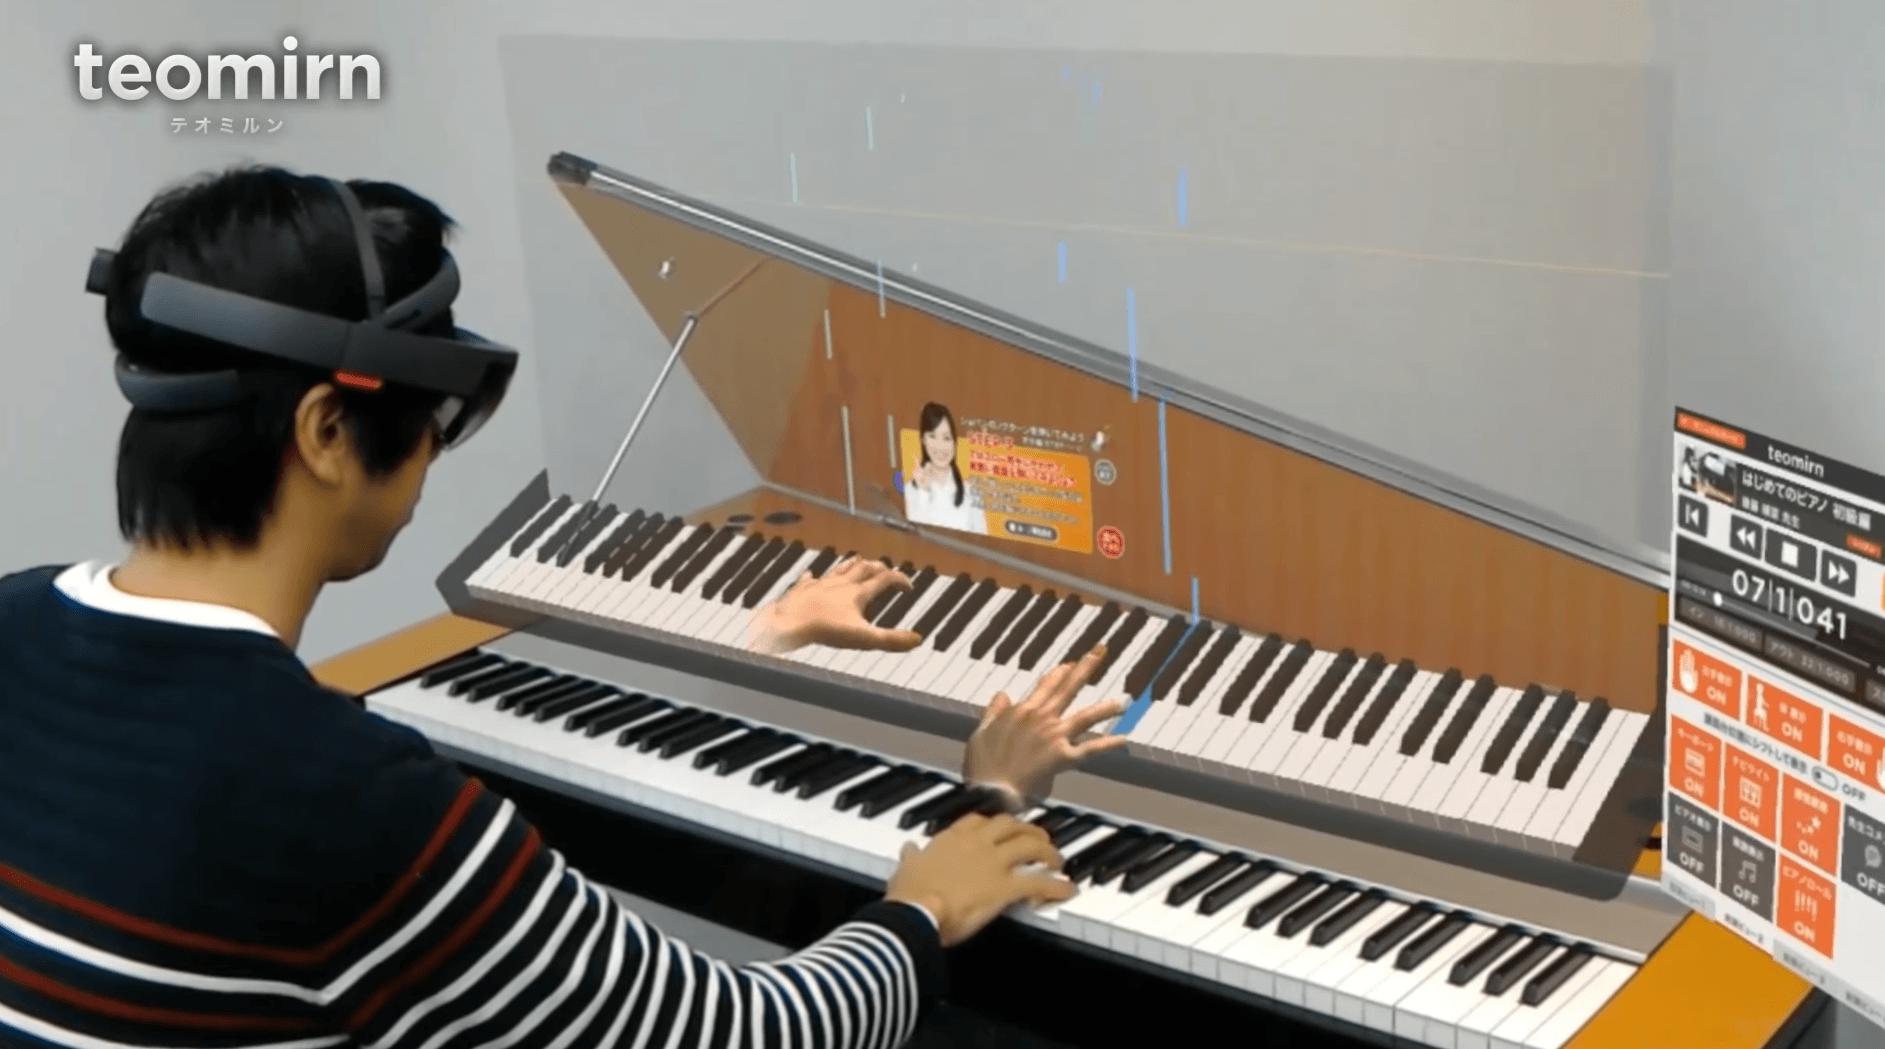 klavier spielen lernen mit der hololens von microsoft vr nerds. Black Bedroom Furniture Sets. Home Design Ideas